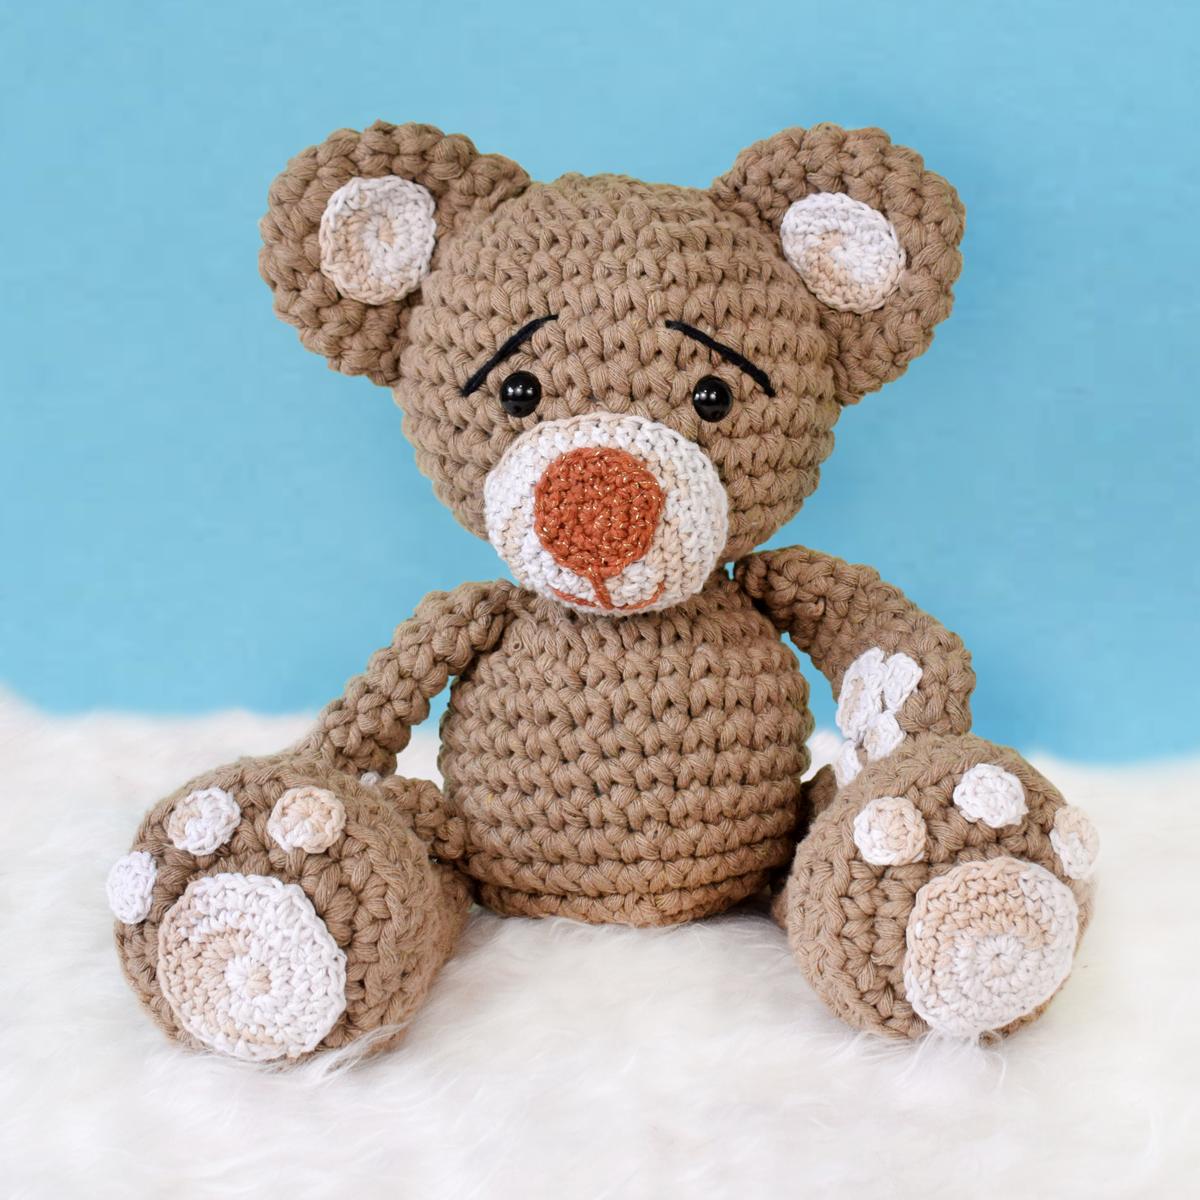 Urso Amigurumi Maxi Em Crochê - R$ 99,00 em Mercado Livre | 1200x1200